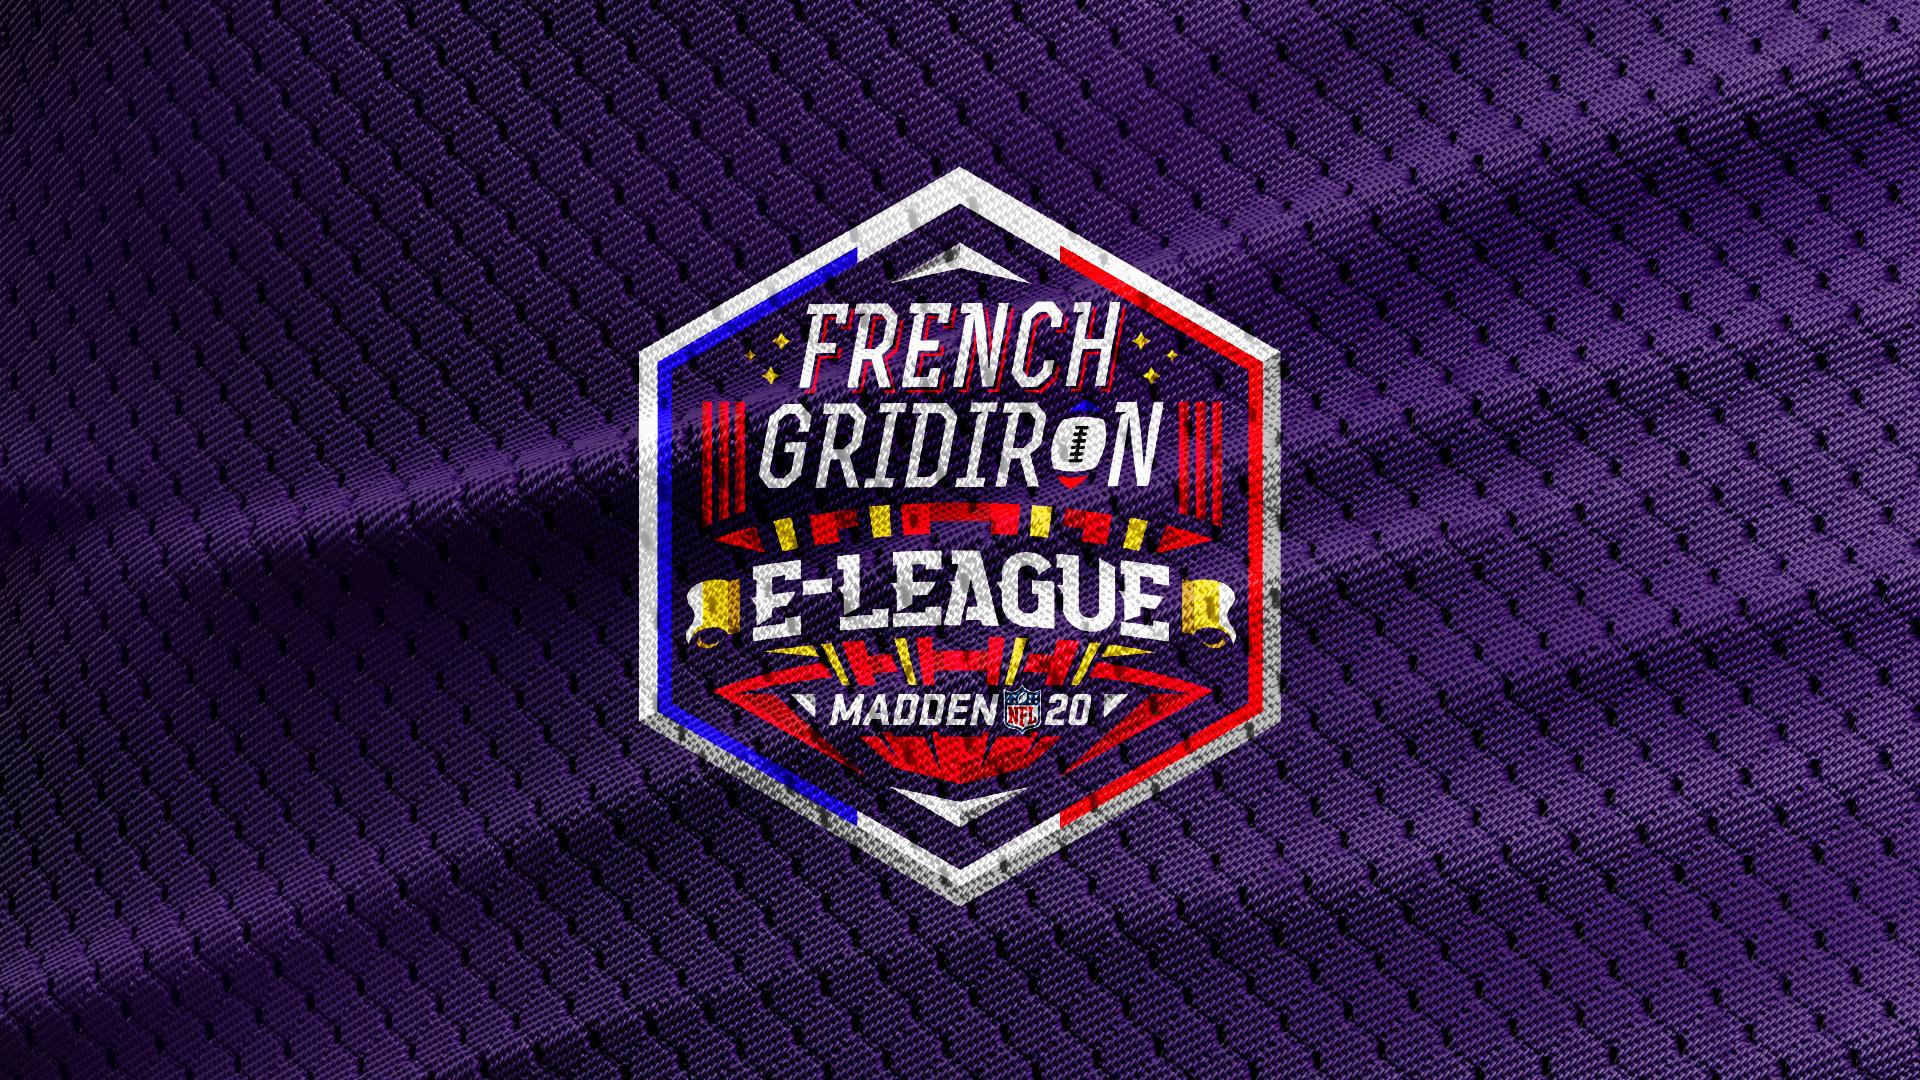 FFFA-French-Gridiron-ELeague